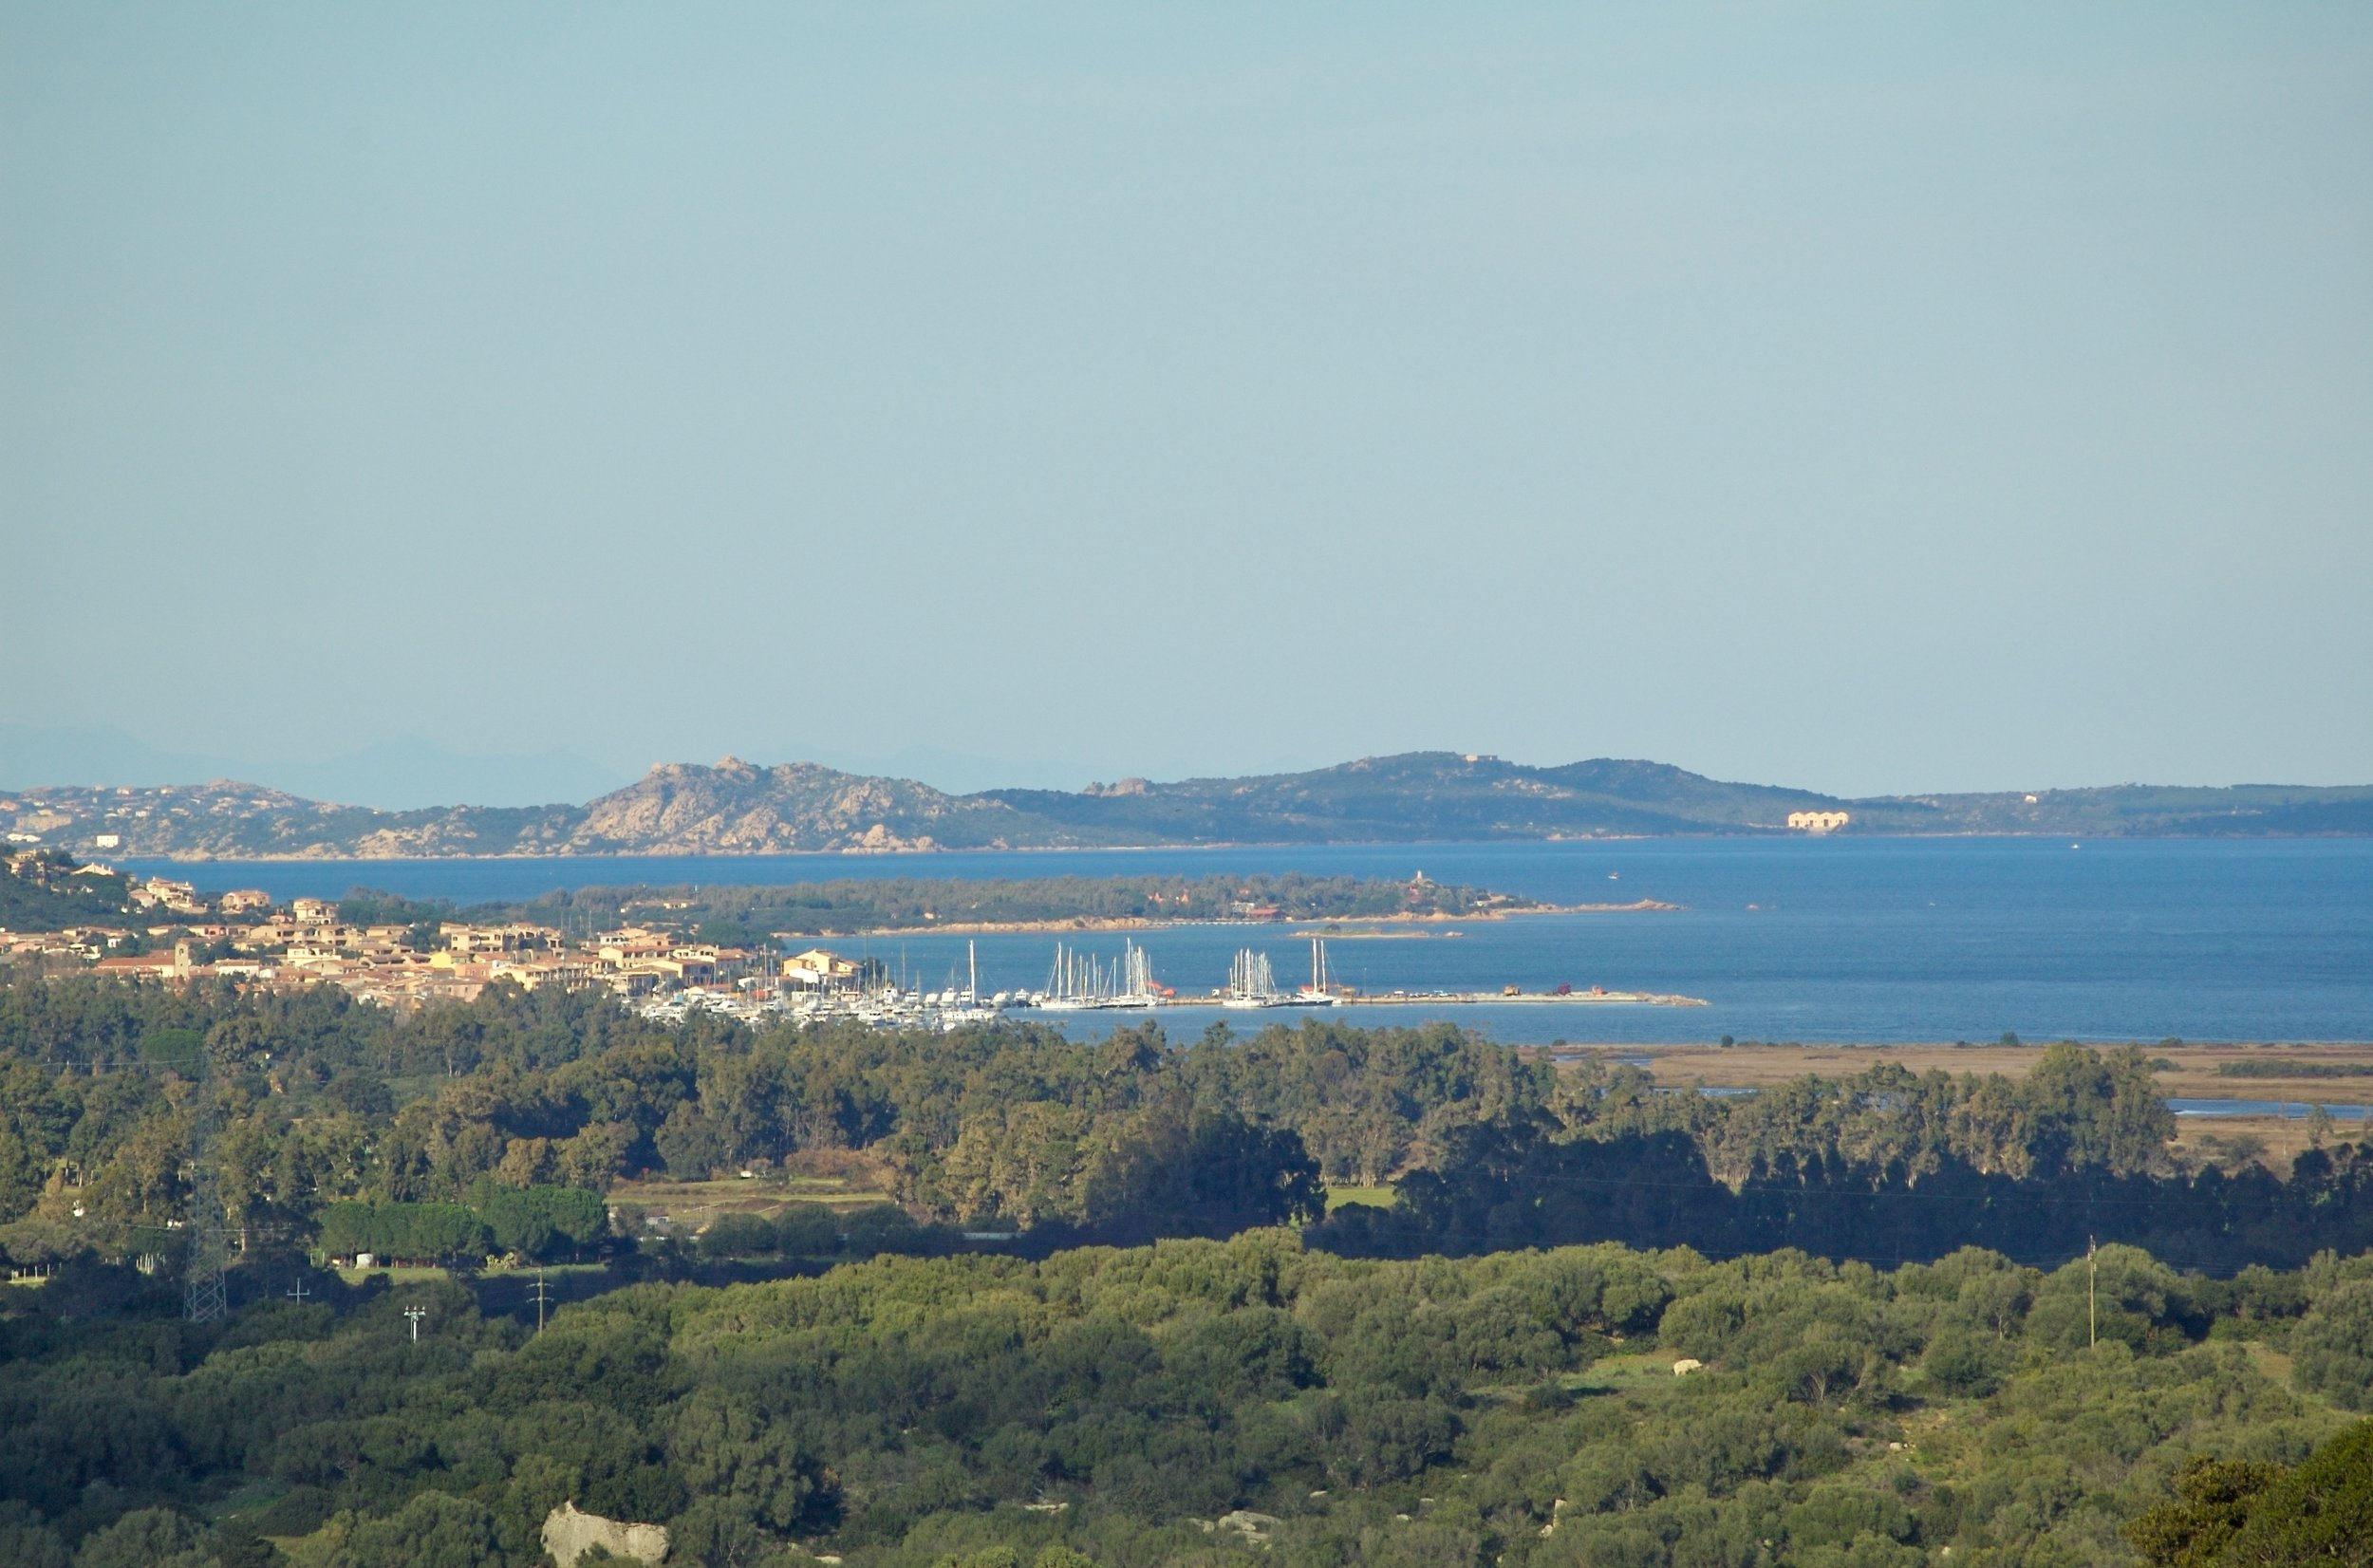 Bay of Cannigione